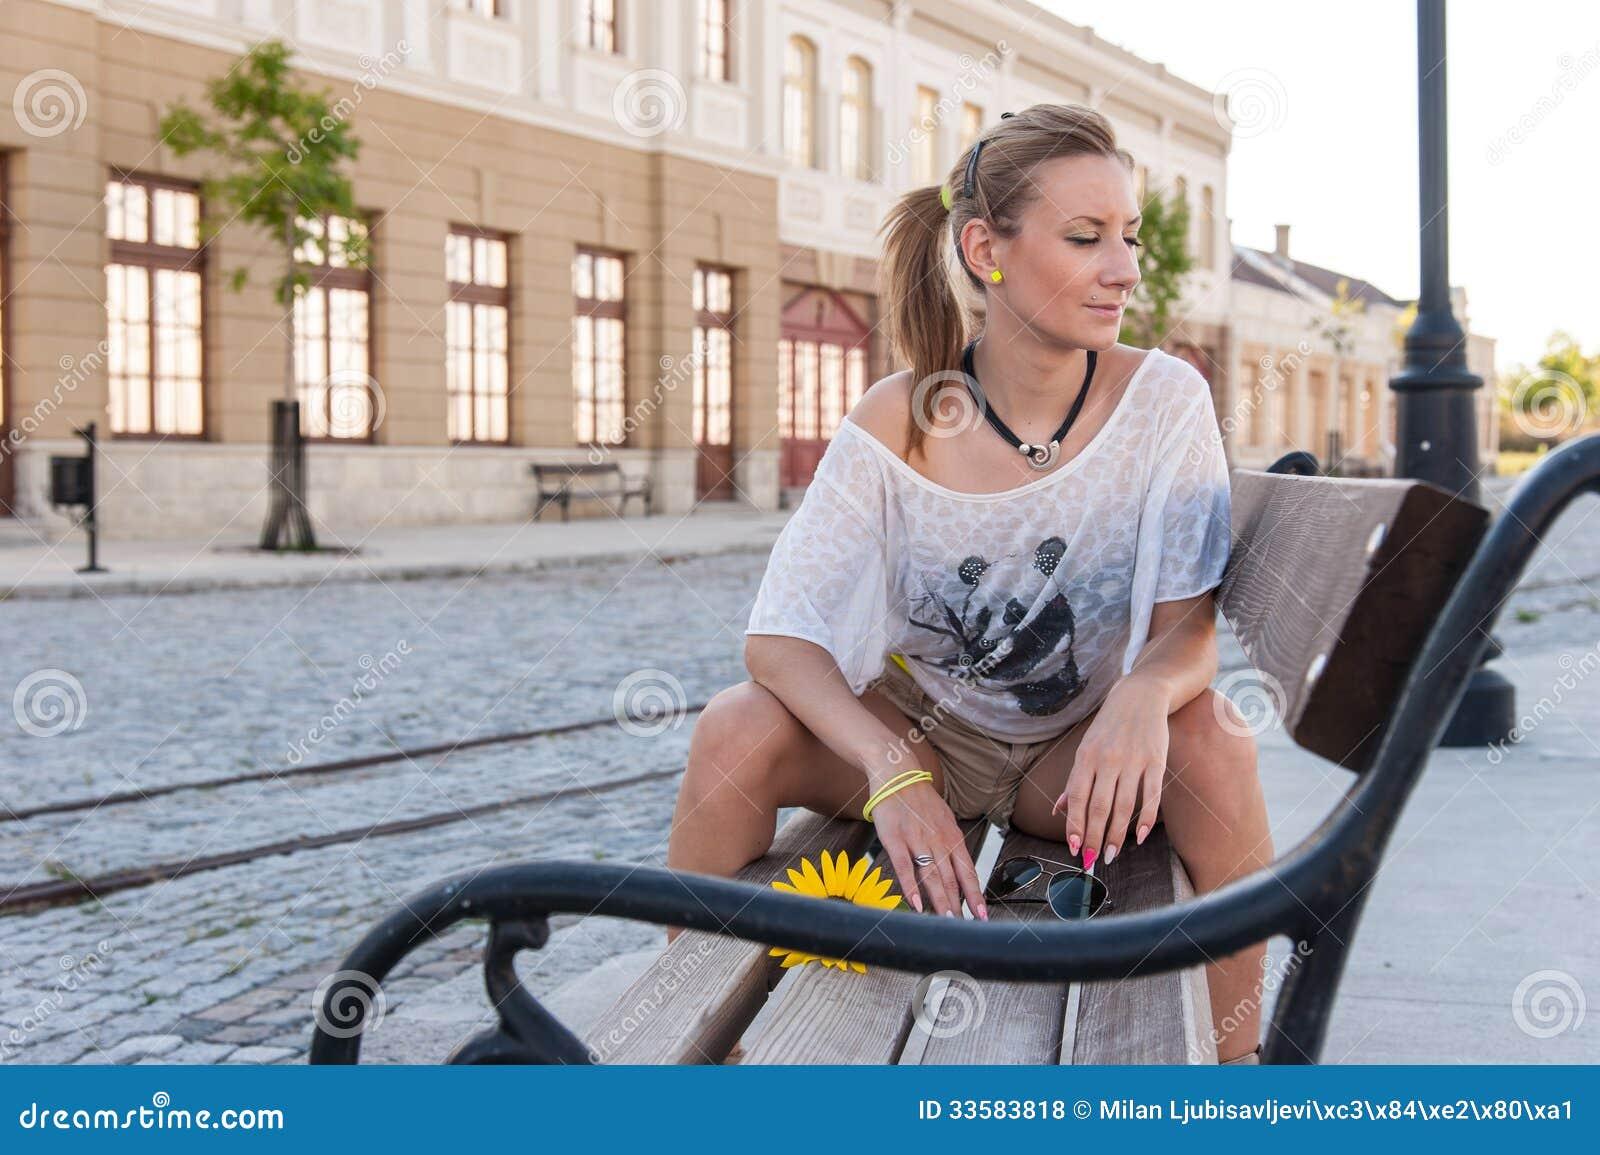 девушка сидя напротив показала какое-то